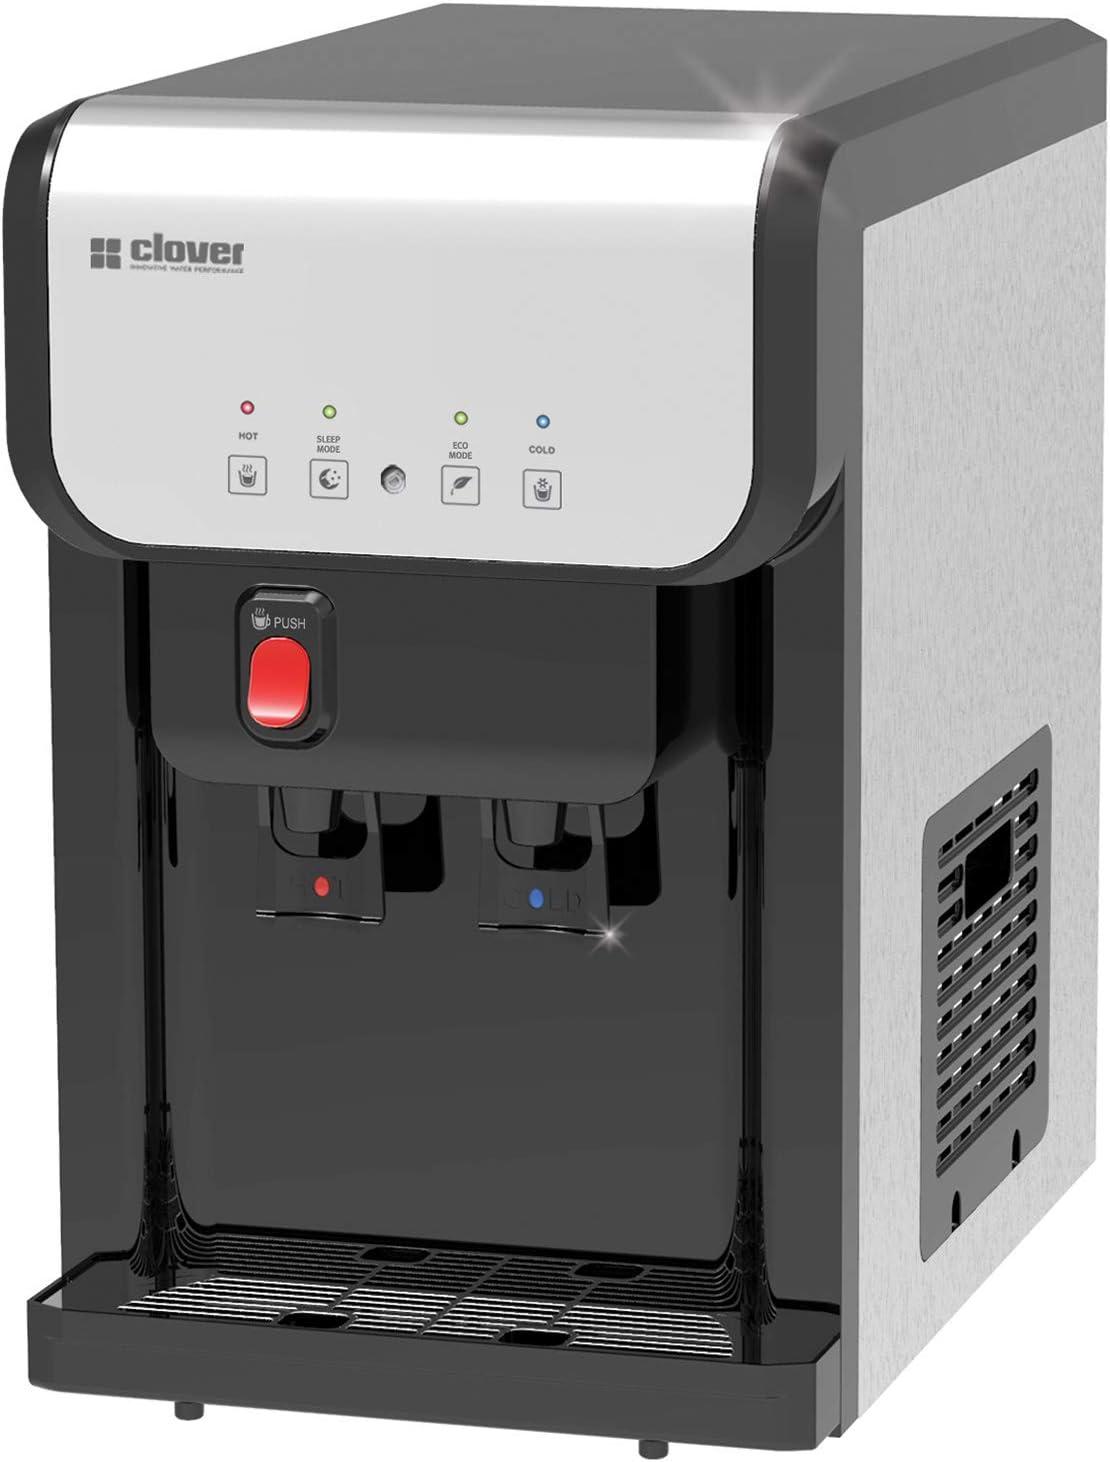 浄水器内蔵 水道管直結型ウォーターサーバー SD19A1 卓上タイプ ブラック